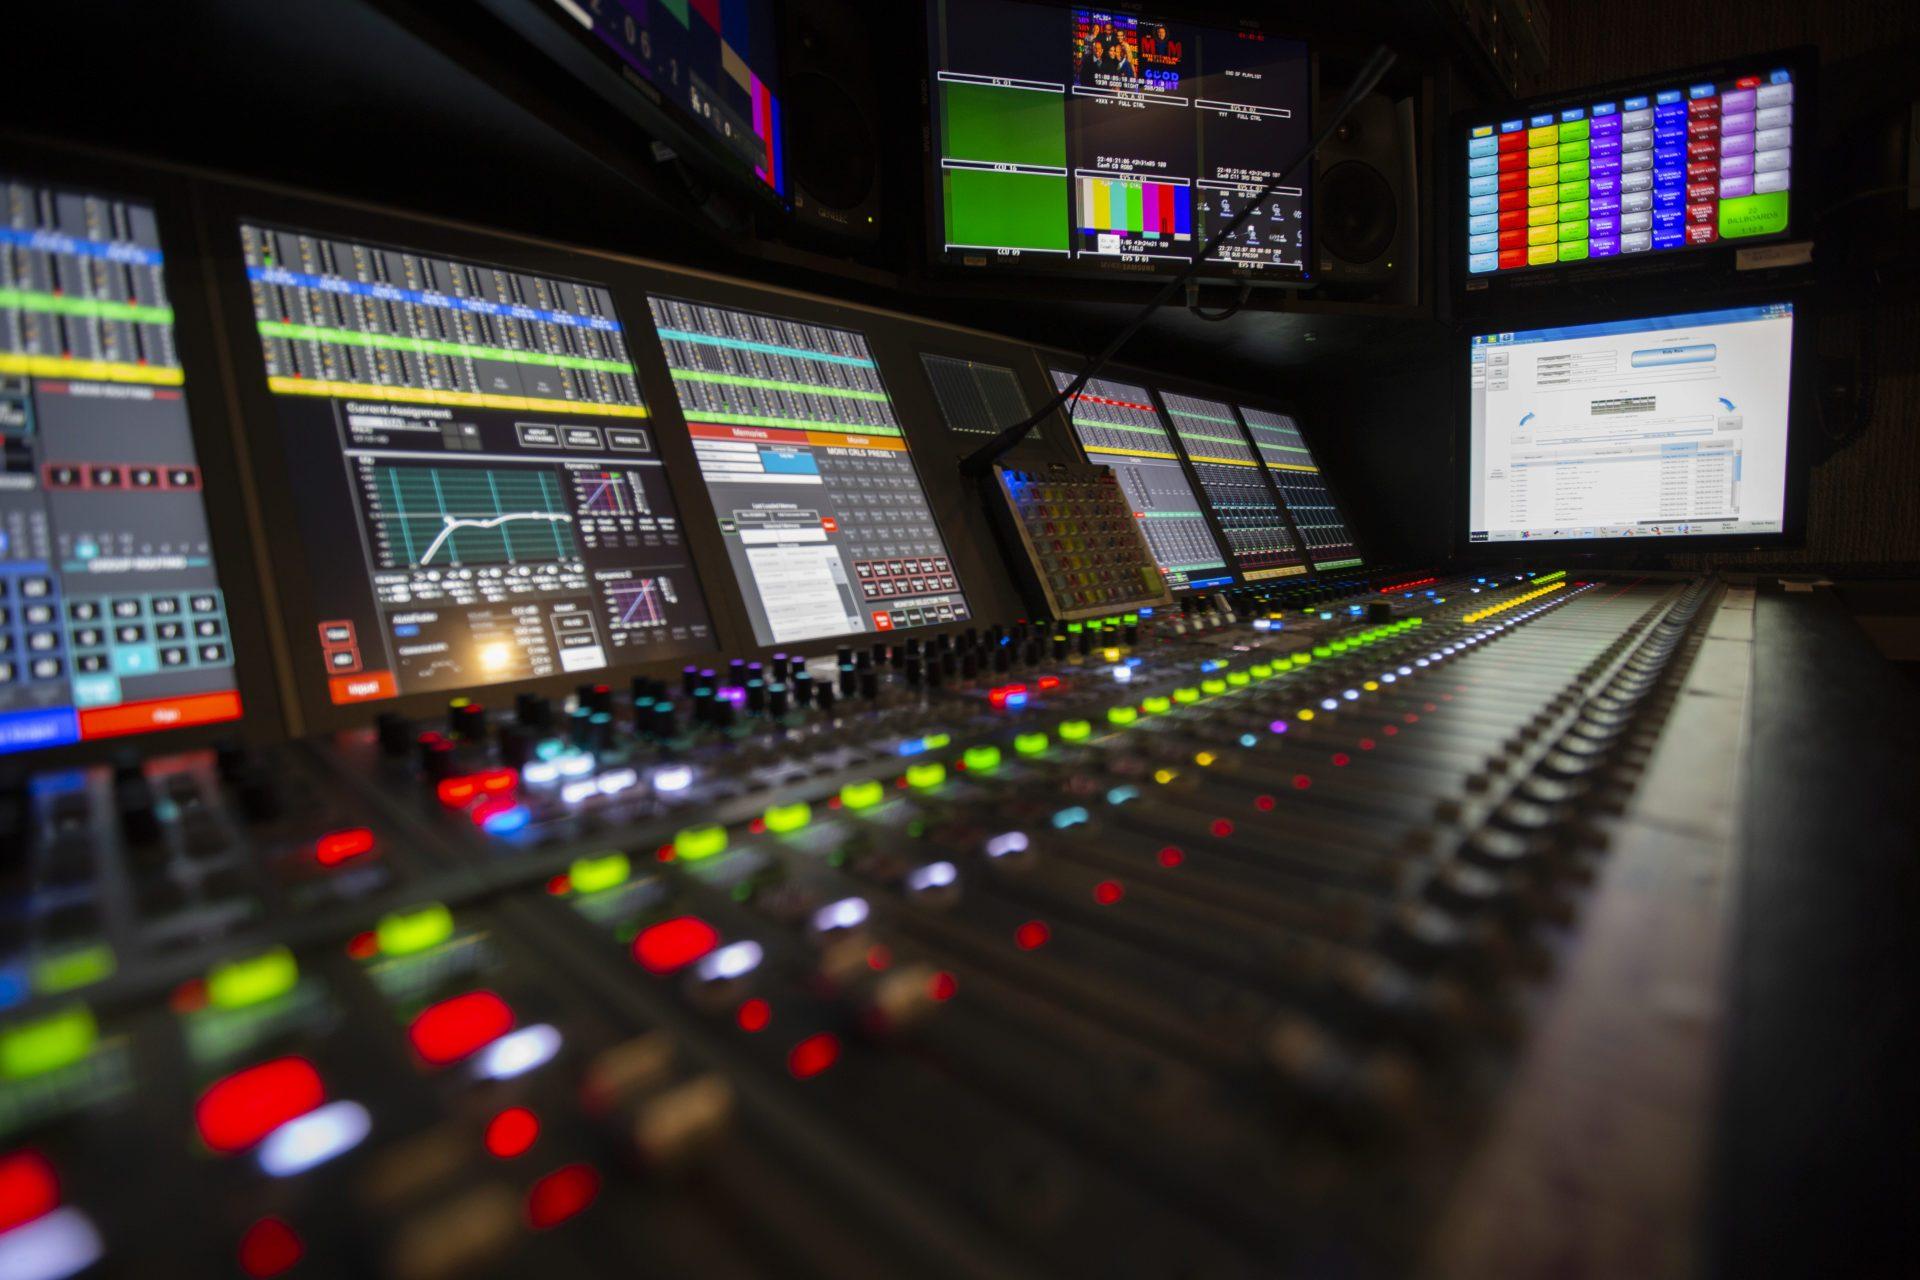 control room close up